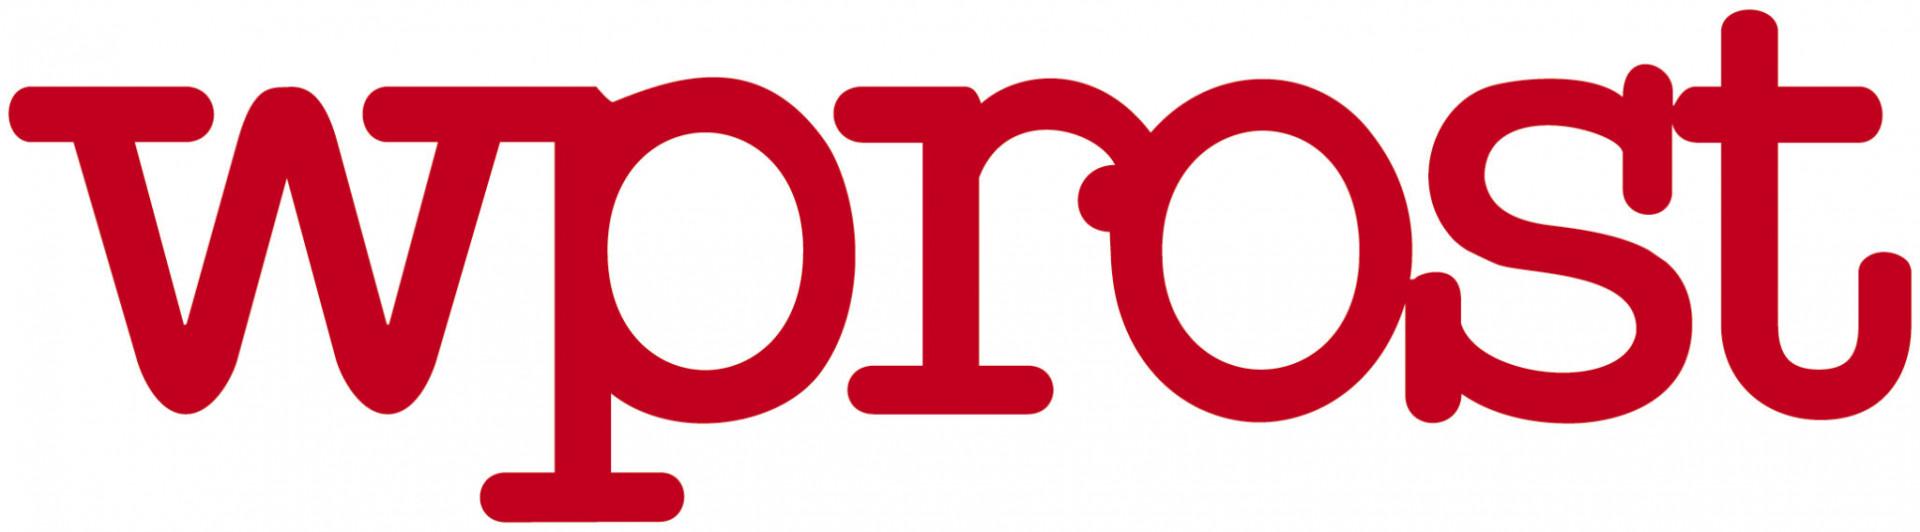 wprost-logo.jpg